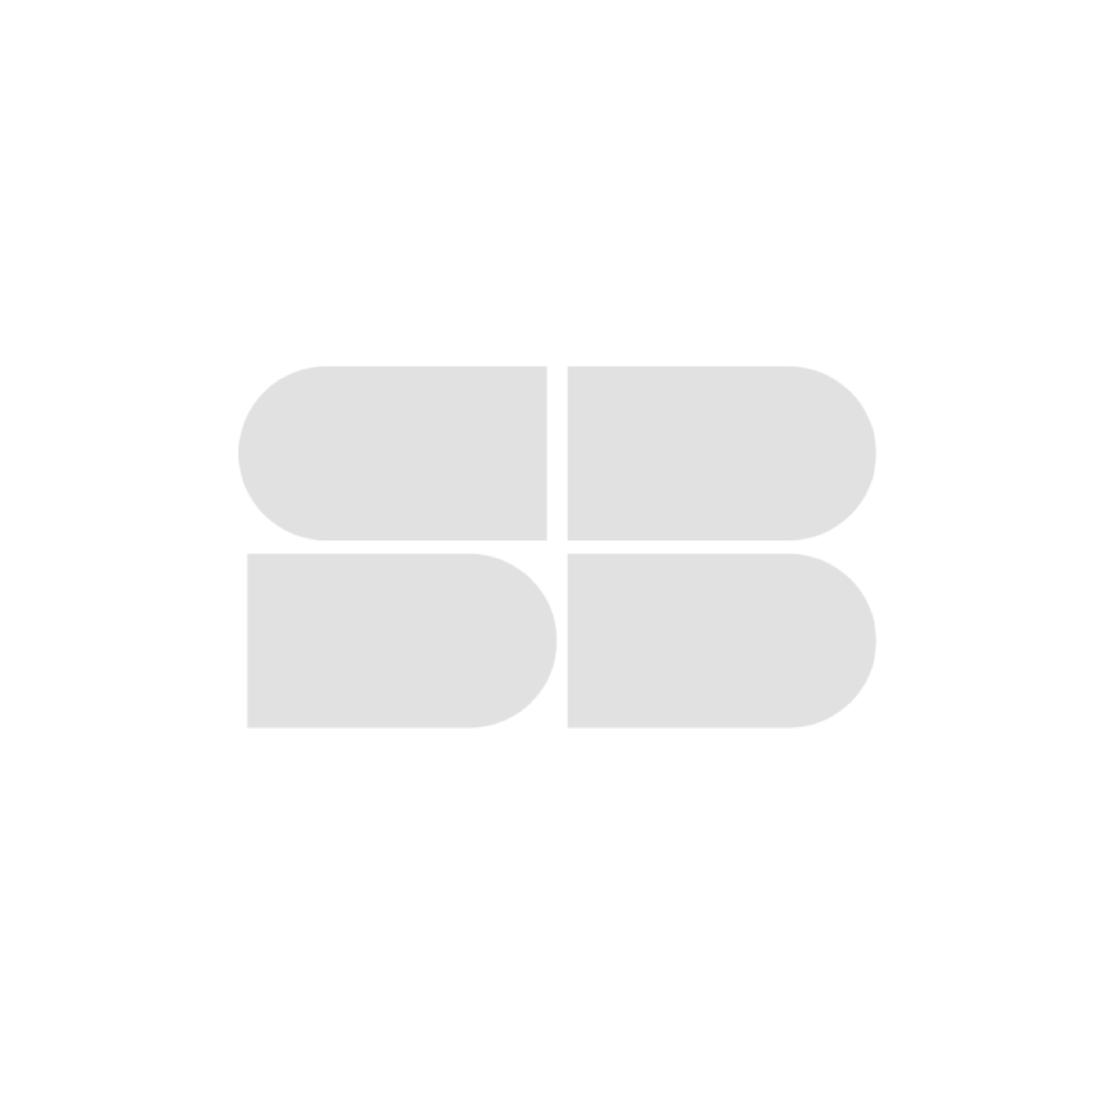 39013183-mattress-bedding-mattresses-spring-mattresses-31